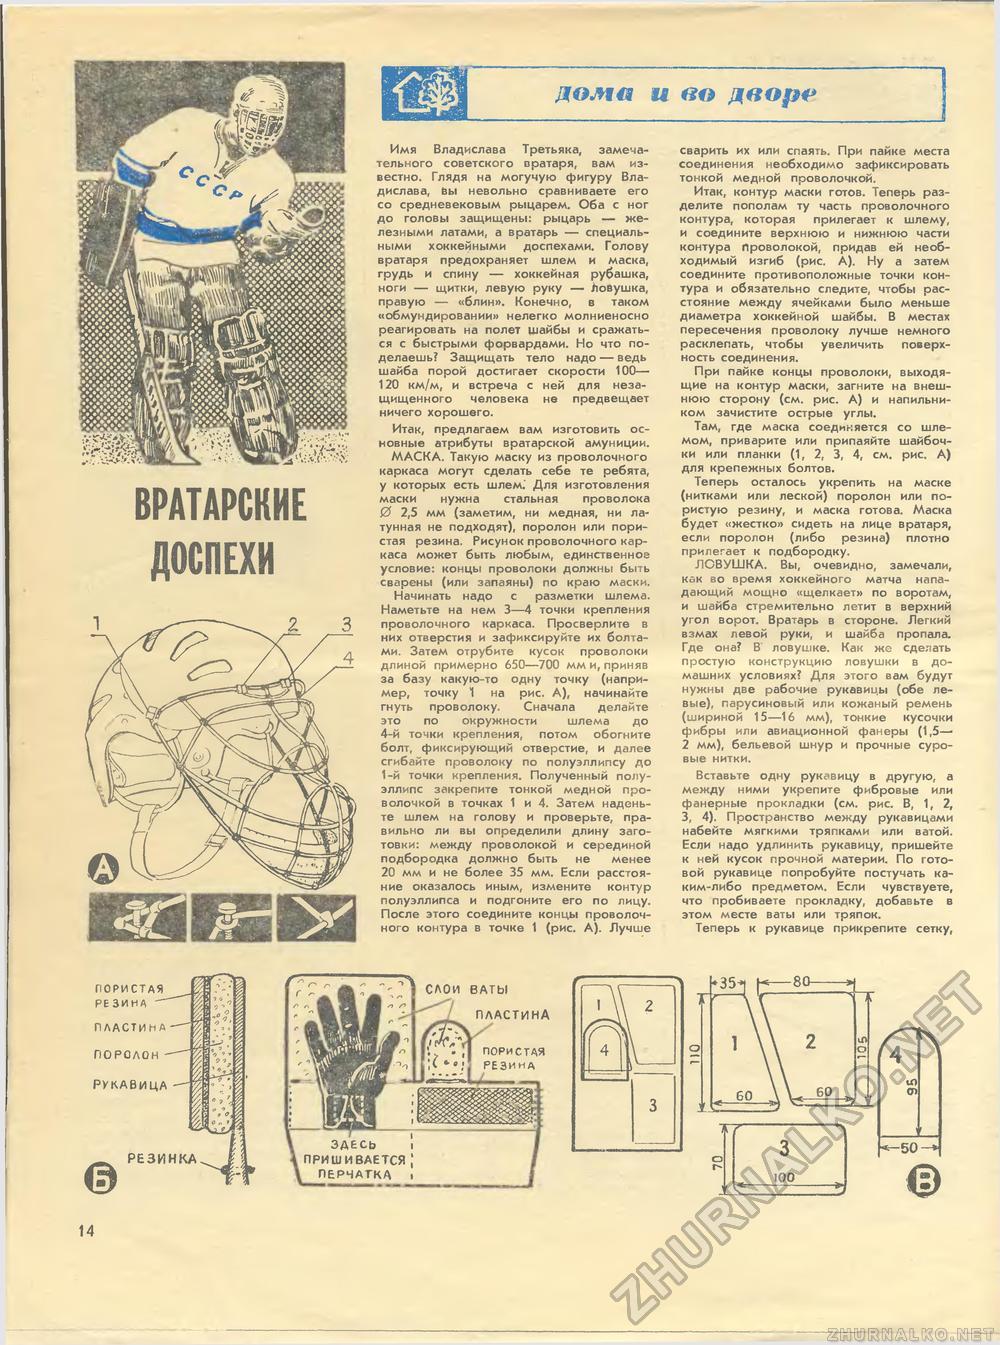 Как сделать вратарскую ловушку своими руками в домашних условиях